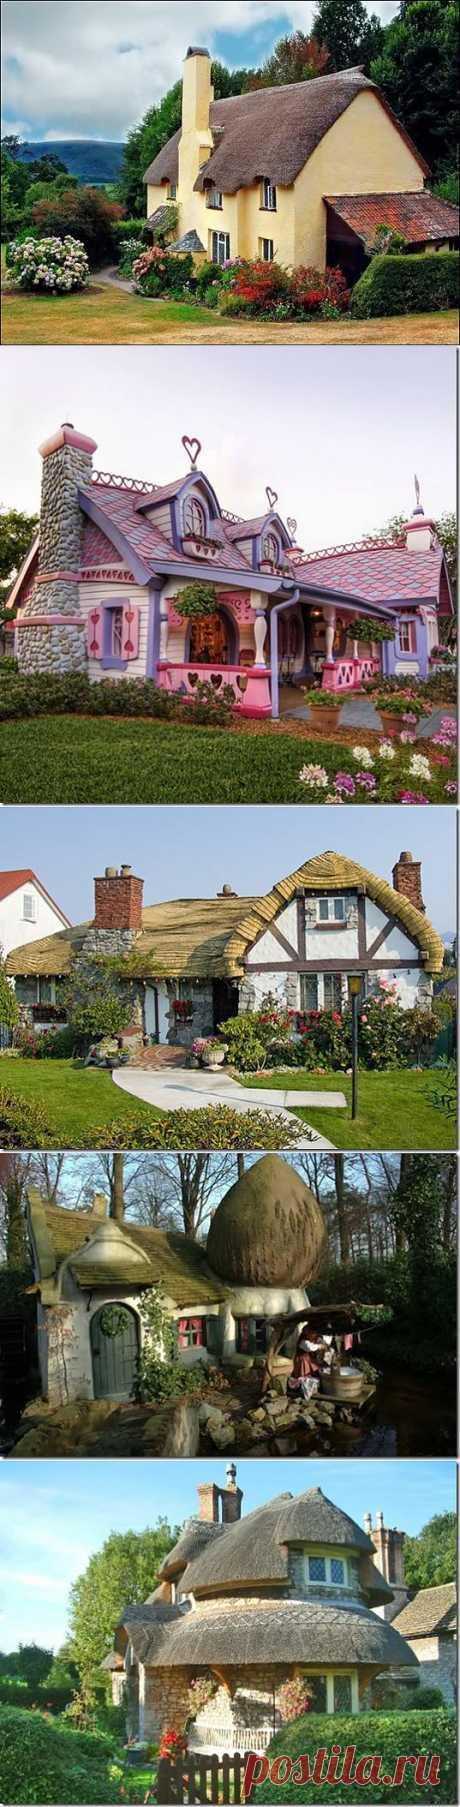 Сказочные домики, существующие в реальном мире | МОЙ ДОМ